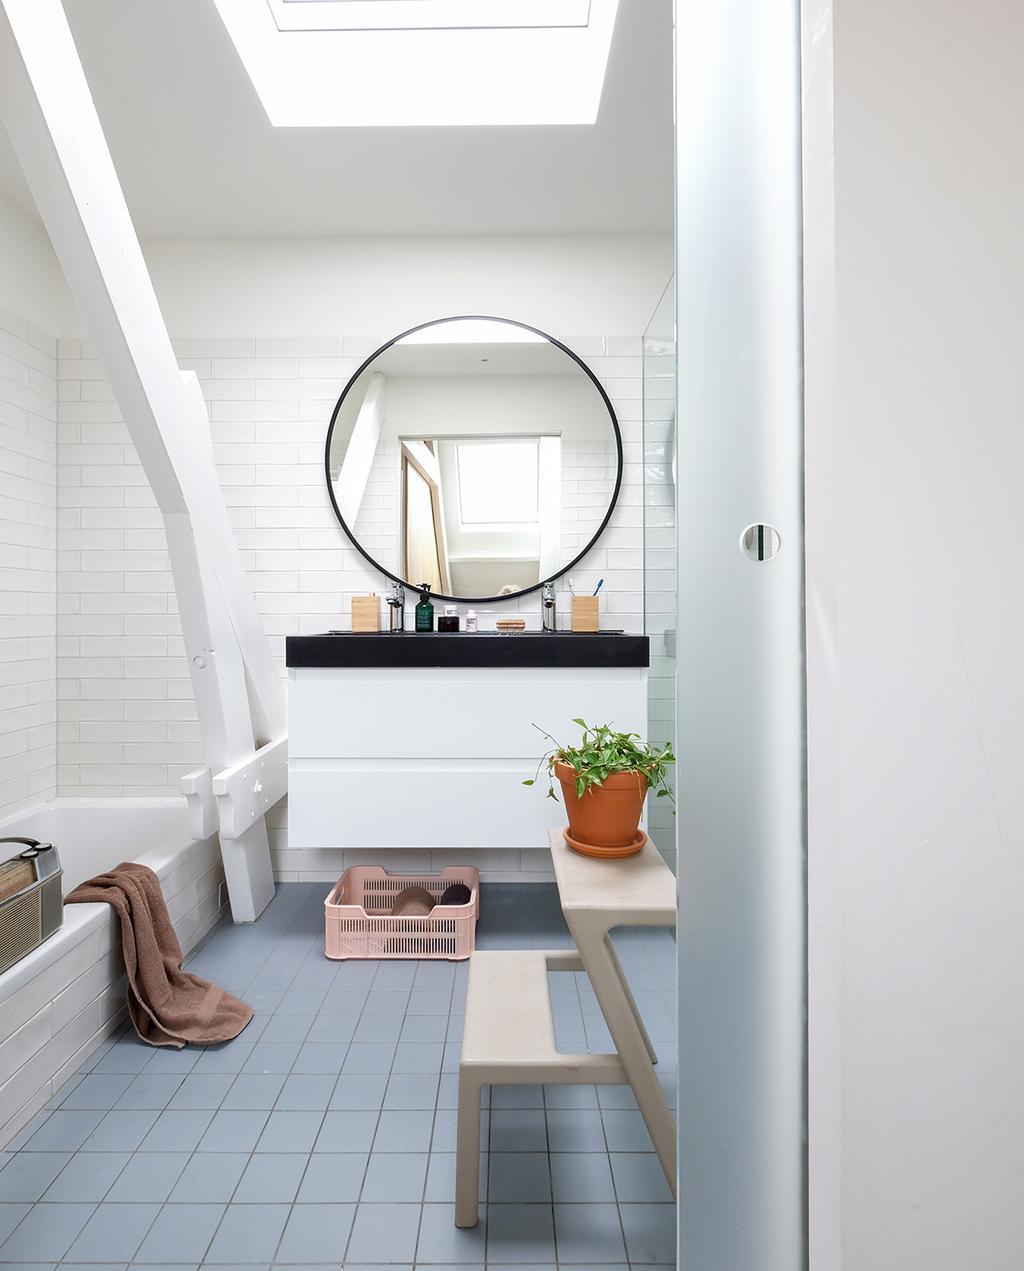 vtwonen 03-2021 | badkamer in familiehuis in Rotterdam met ronde spiegel